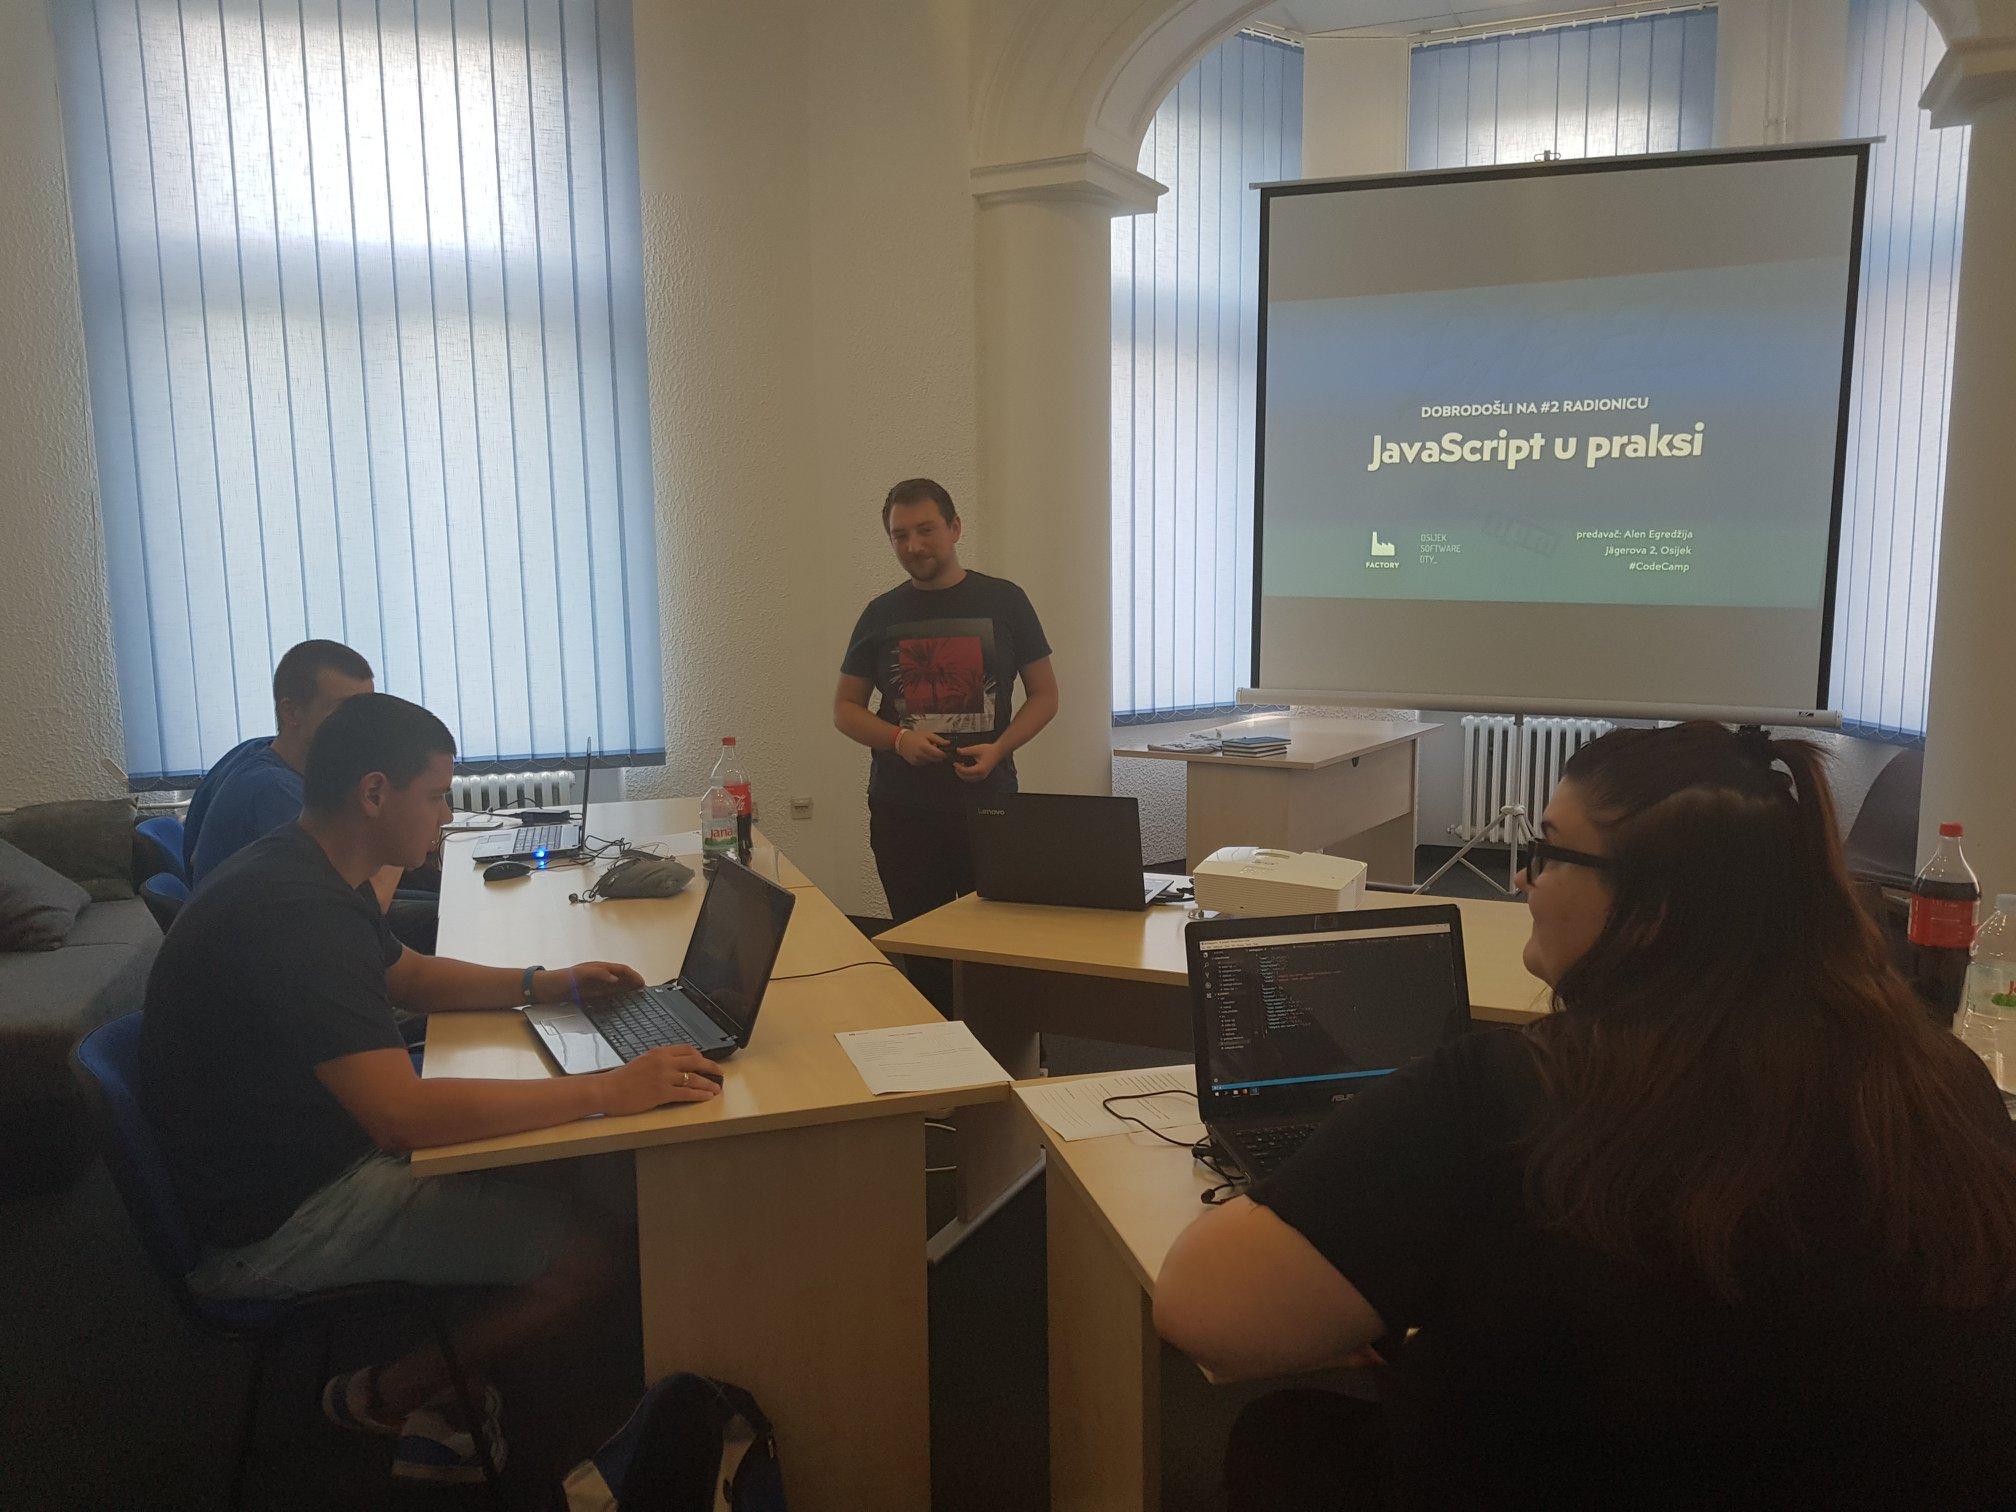 Javascript workshop in 2018